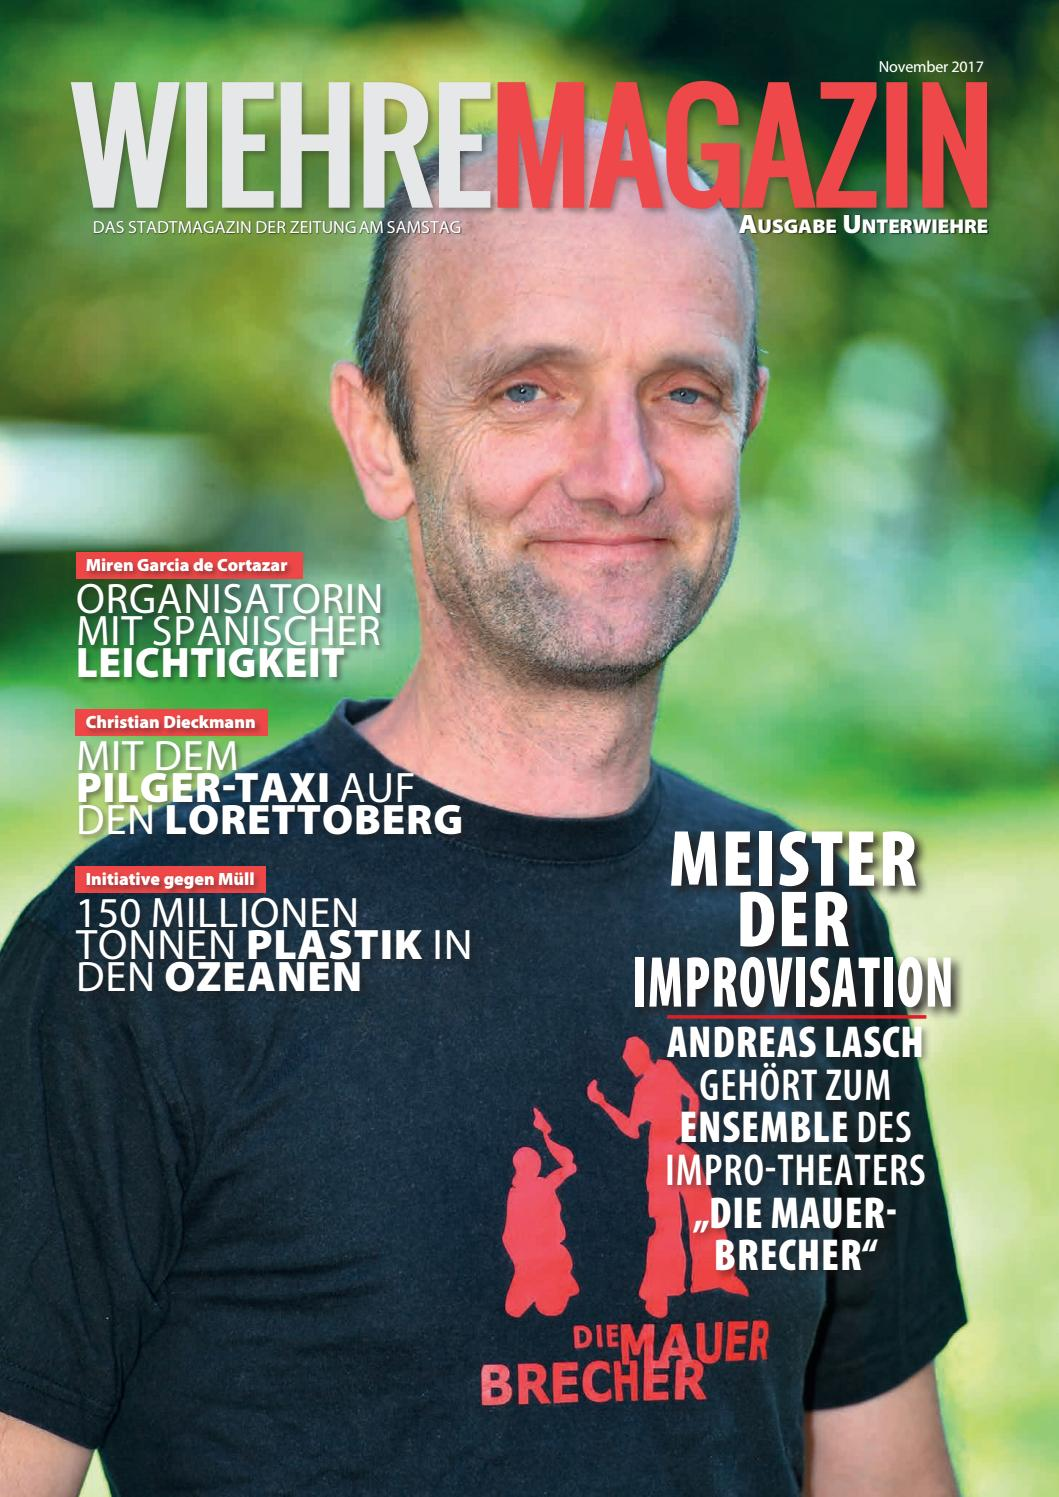 Wiehre Magazin, Ausgabe Unterwiehre (November 2017) by ZEITUNG AM ...